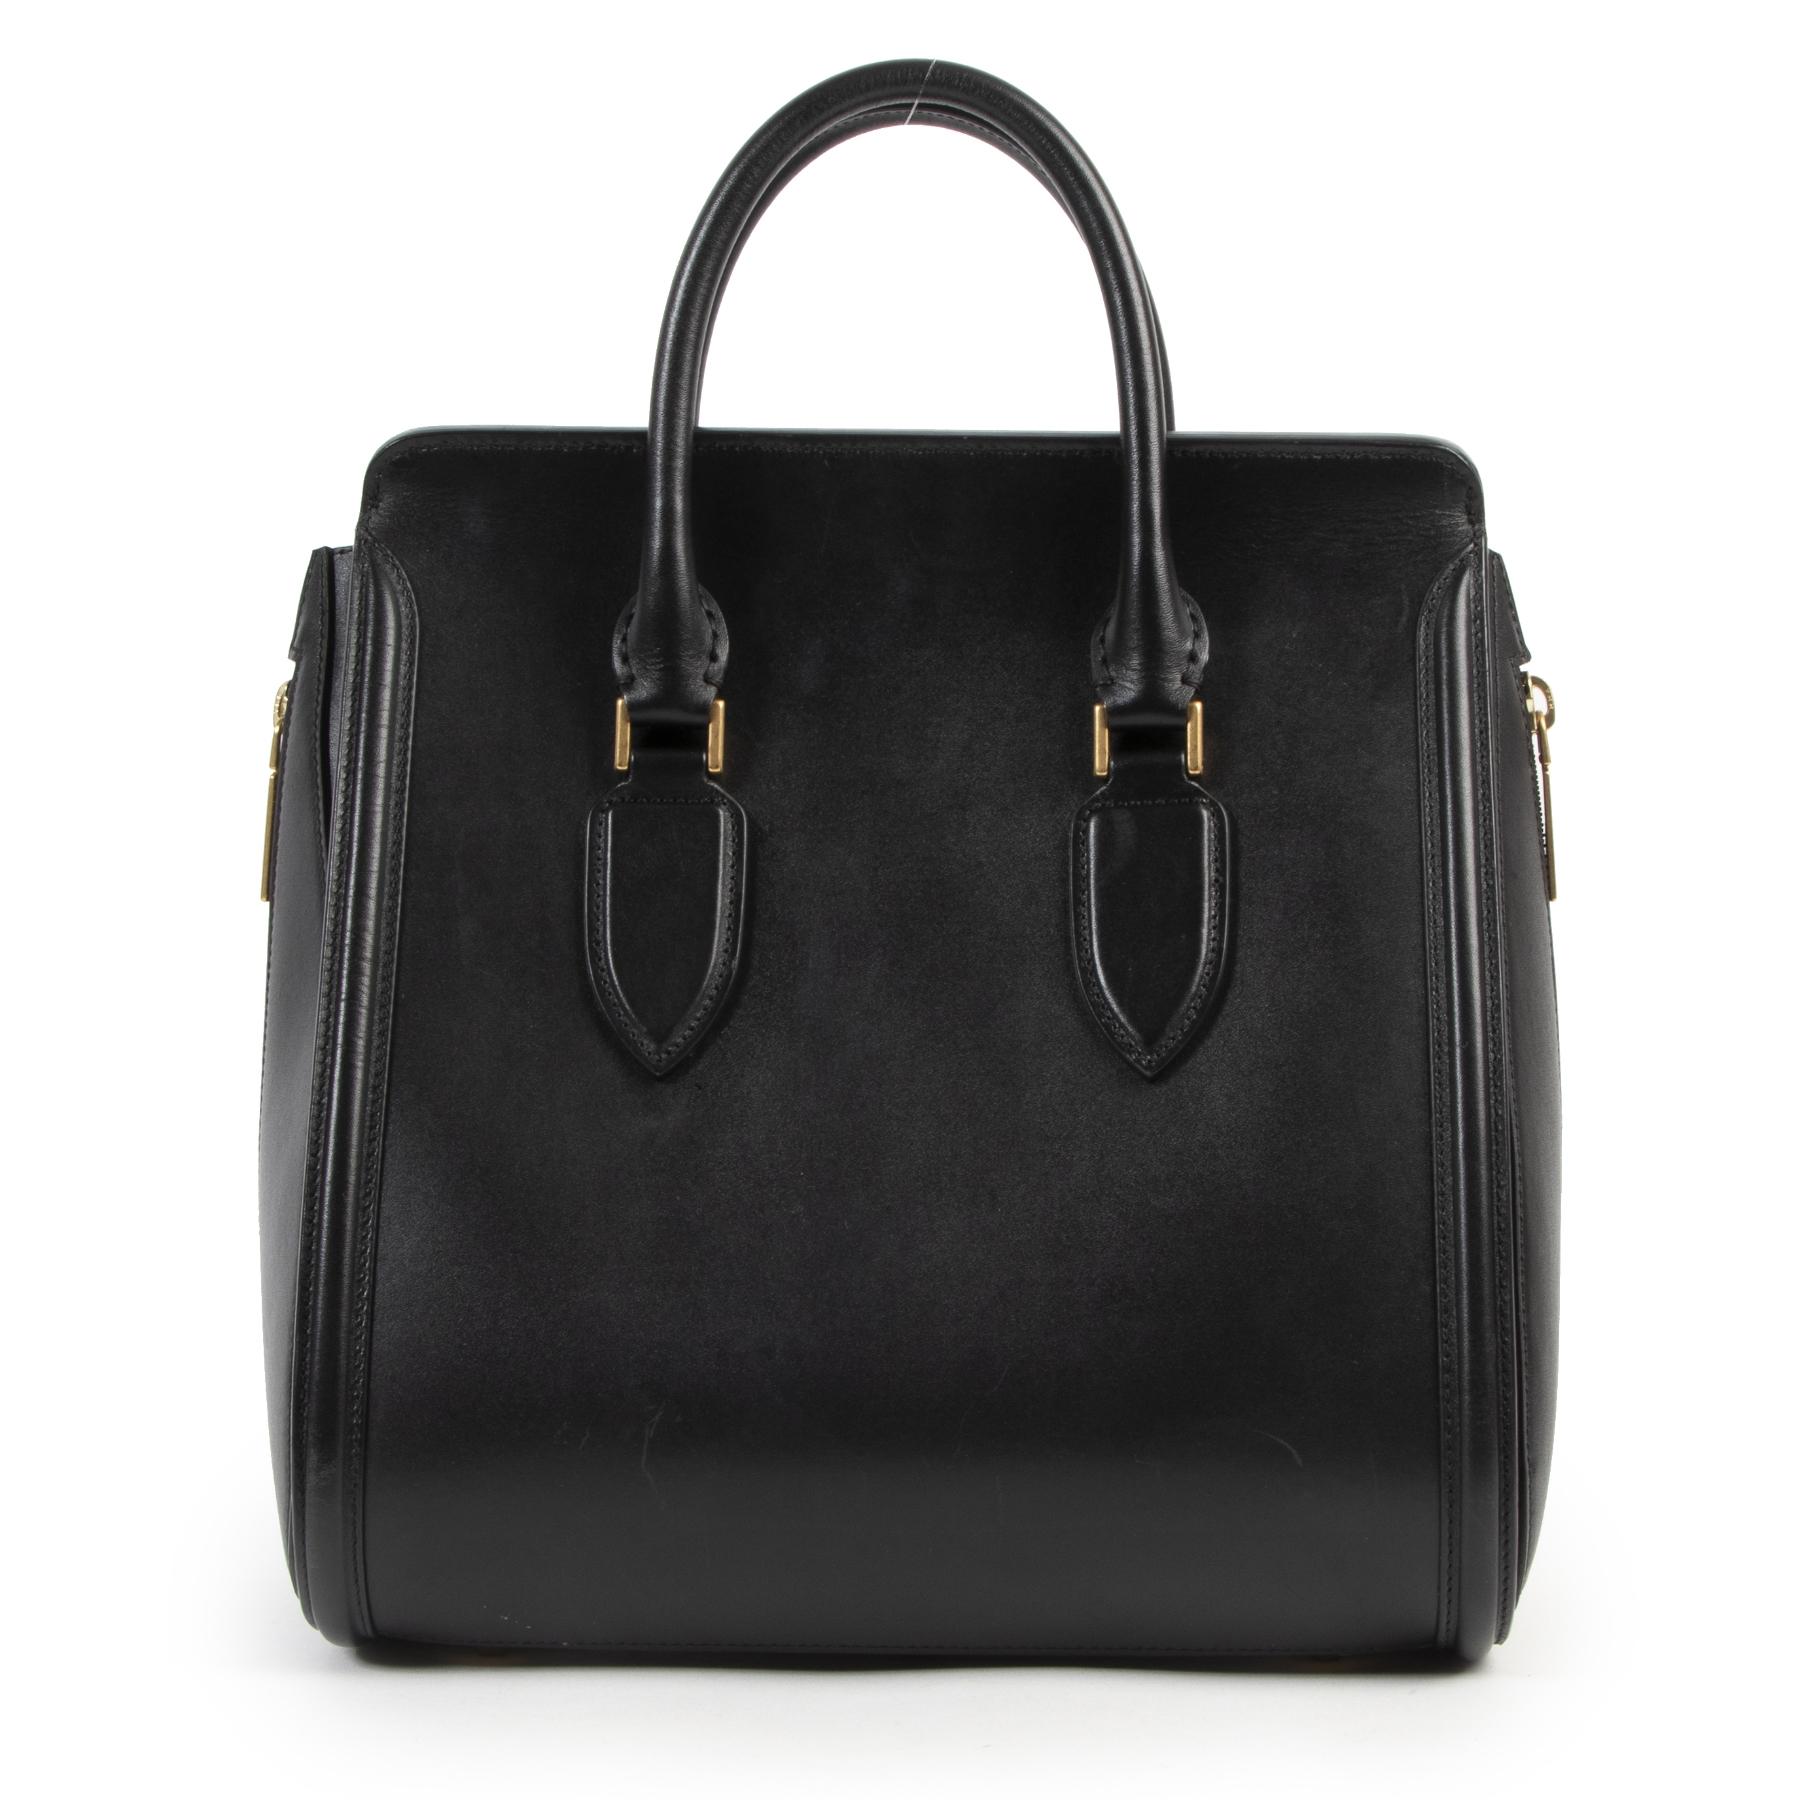 Authentieke Tweedehands Alexander McQueen Black Heroine Tote Bag juiste prijs veilig online shoppen luxe merken webshop winkelen Antwerpen België mode fashion